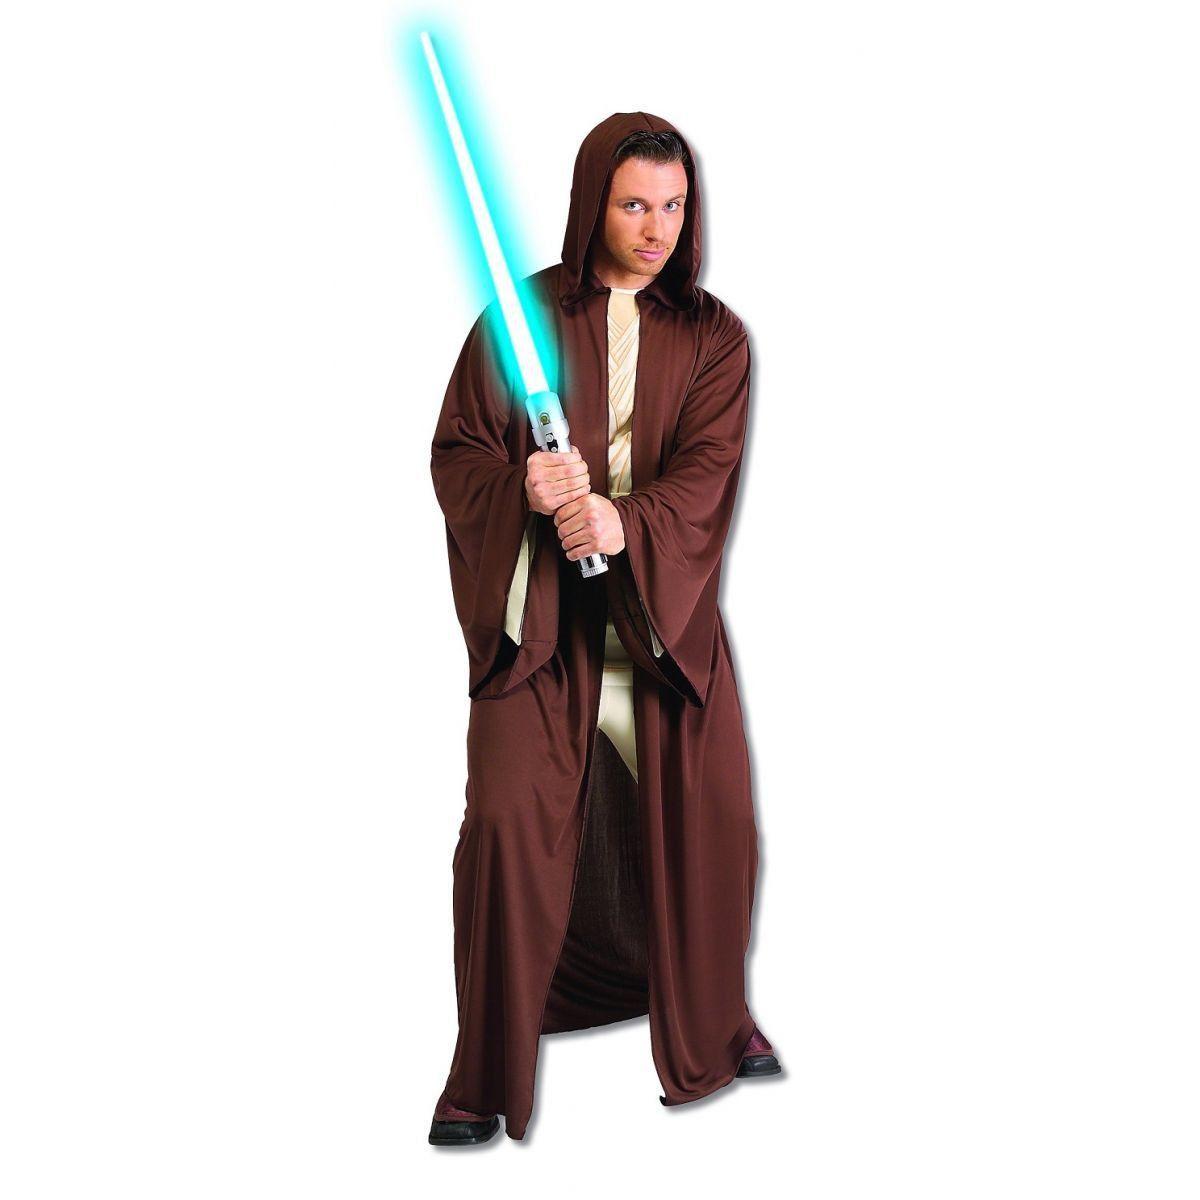 Fantasia Adulto: Capa Jedi U - Rubies